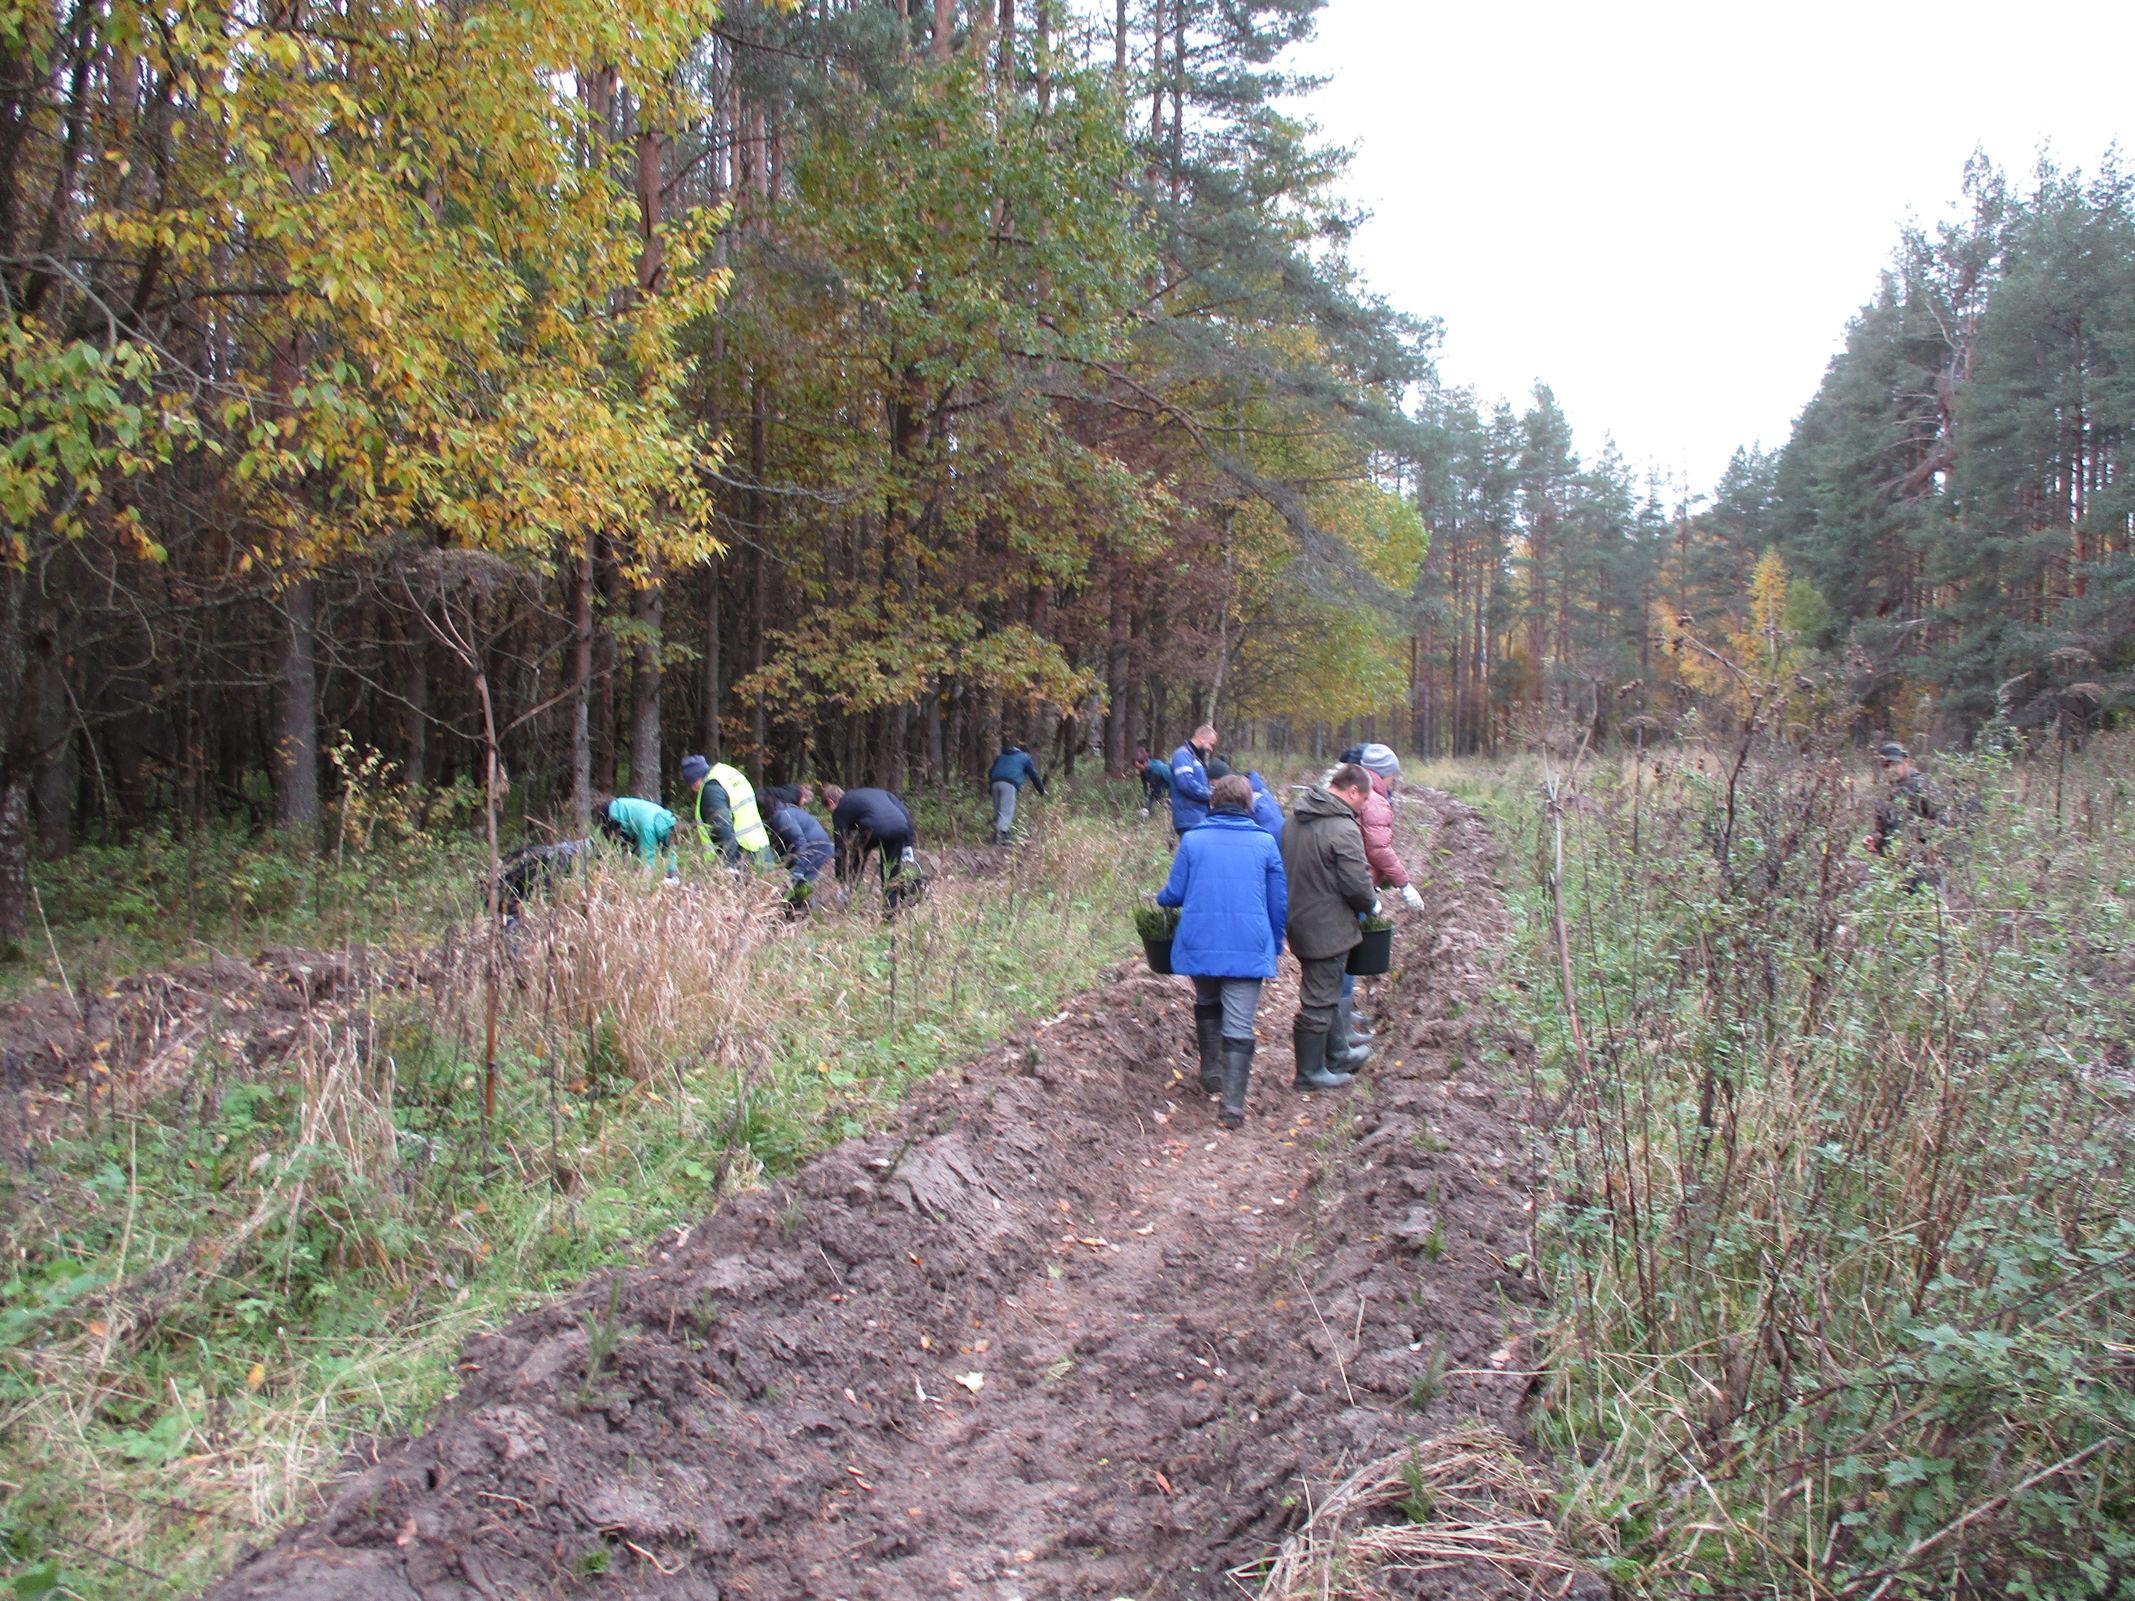 Больше тысячи деревьев посадили в лесах Некоузского района Ярославской области в рамках всероссийской акции